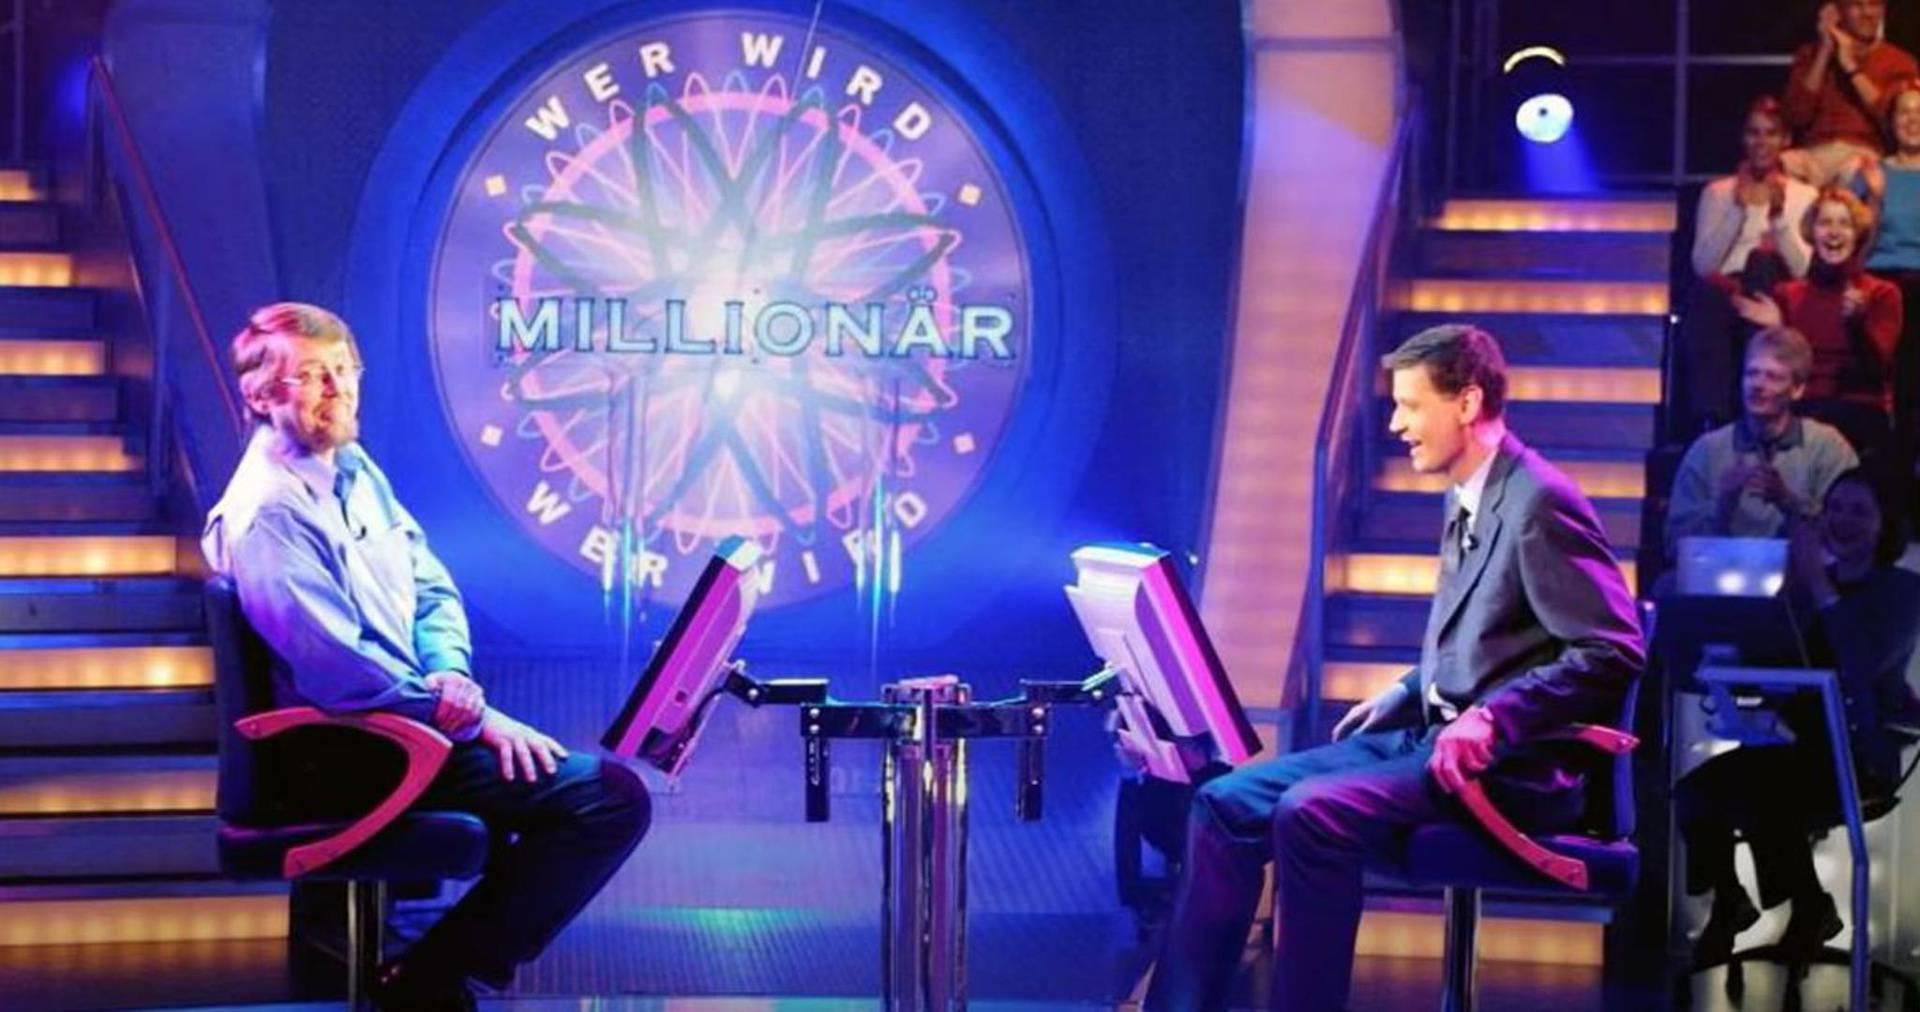 Biste li znali odgovor na pitanje zbog kojeg je ovaj natjecatelj postao prvi pobjednik njemačkog 'Milijunaša'?